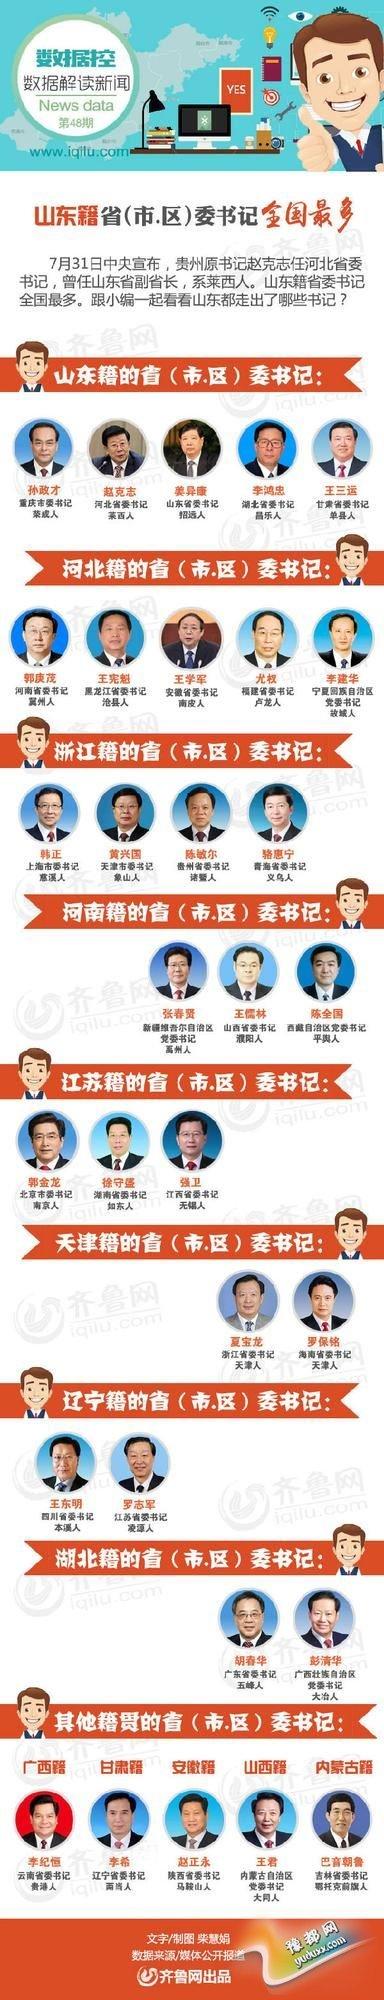 省级党委一把手 豫籍官员有3位